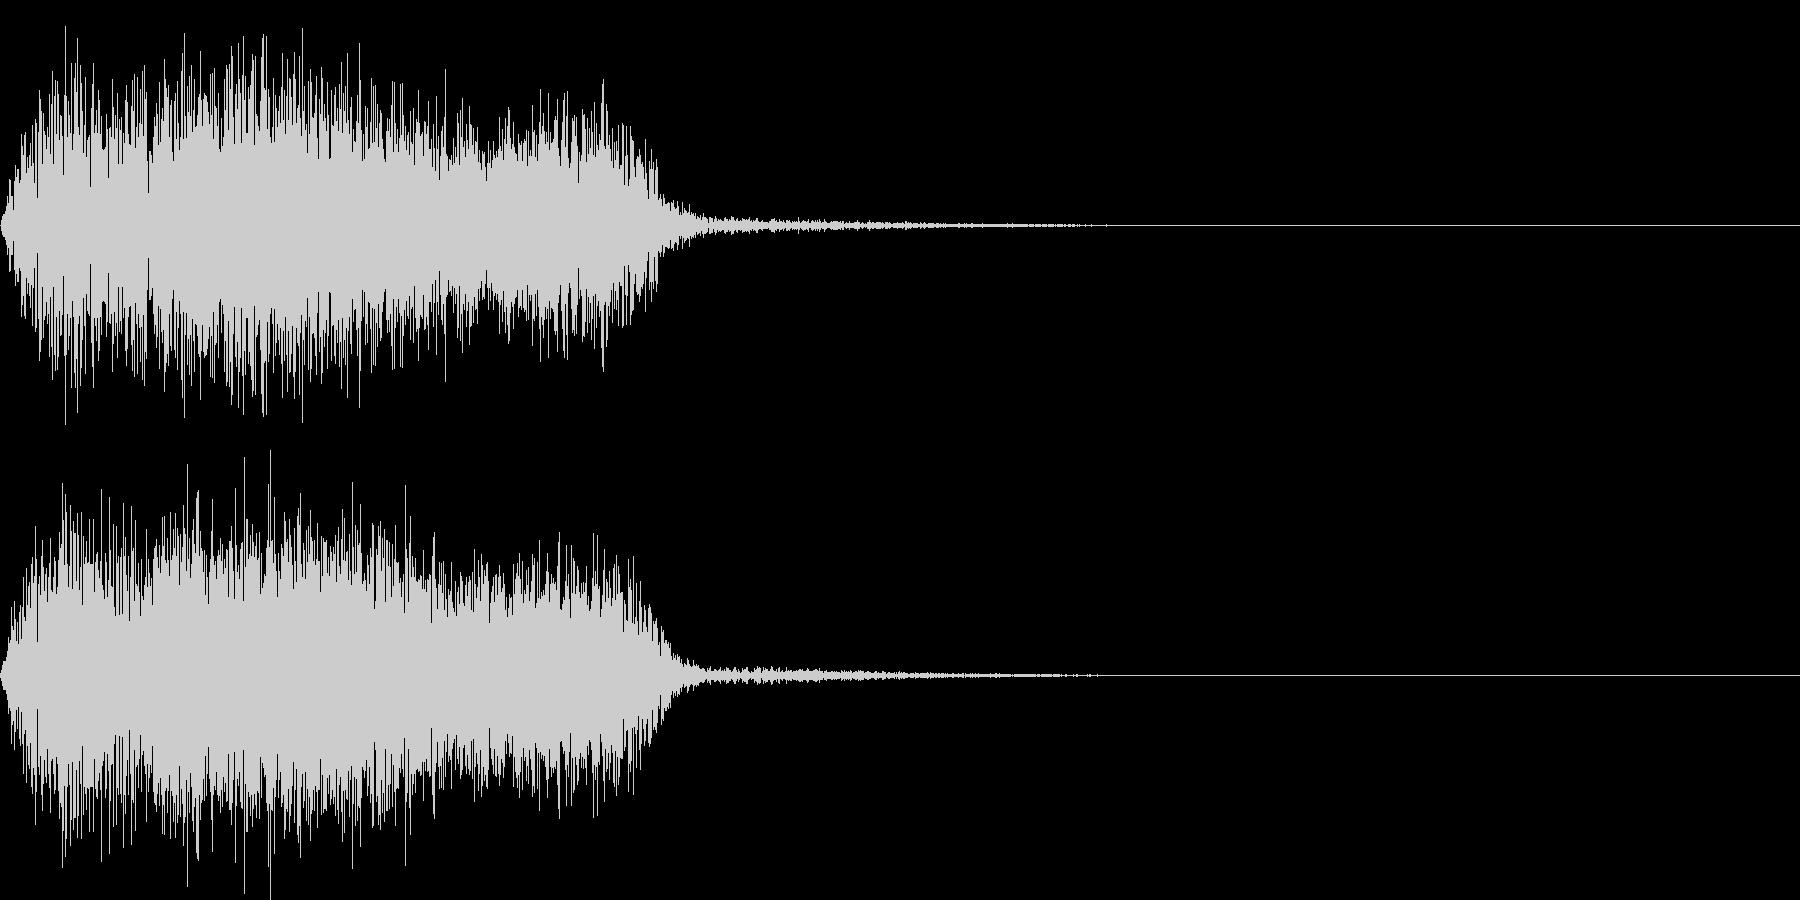 映画向け効果音13の未再生の波形